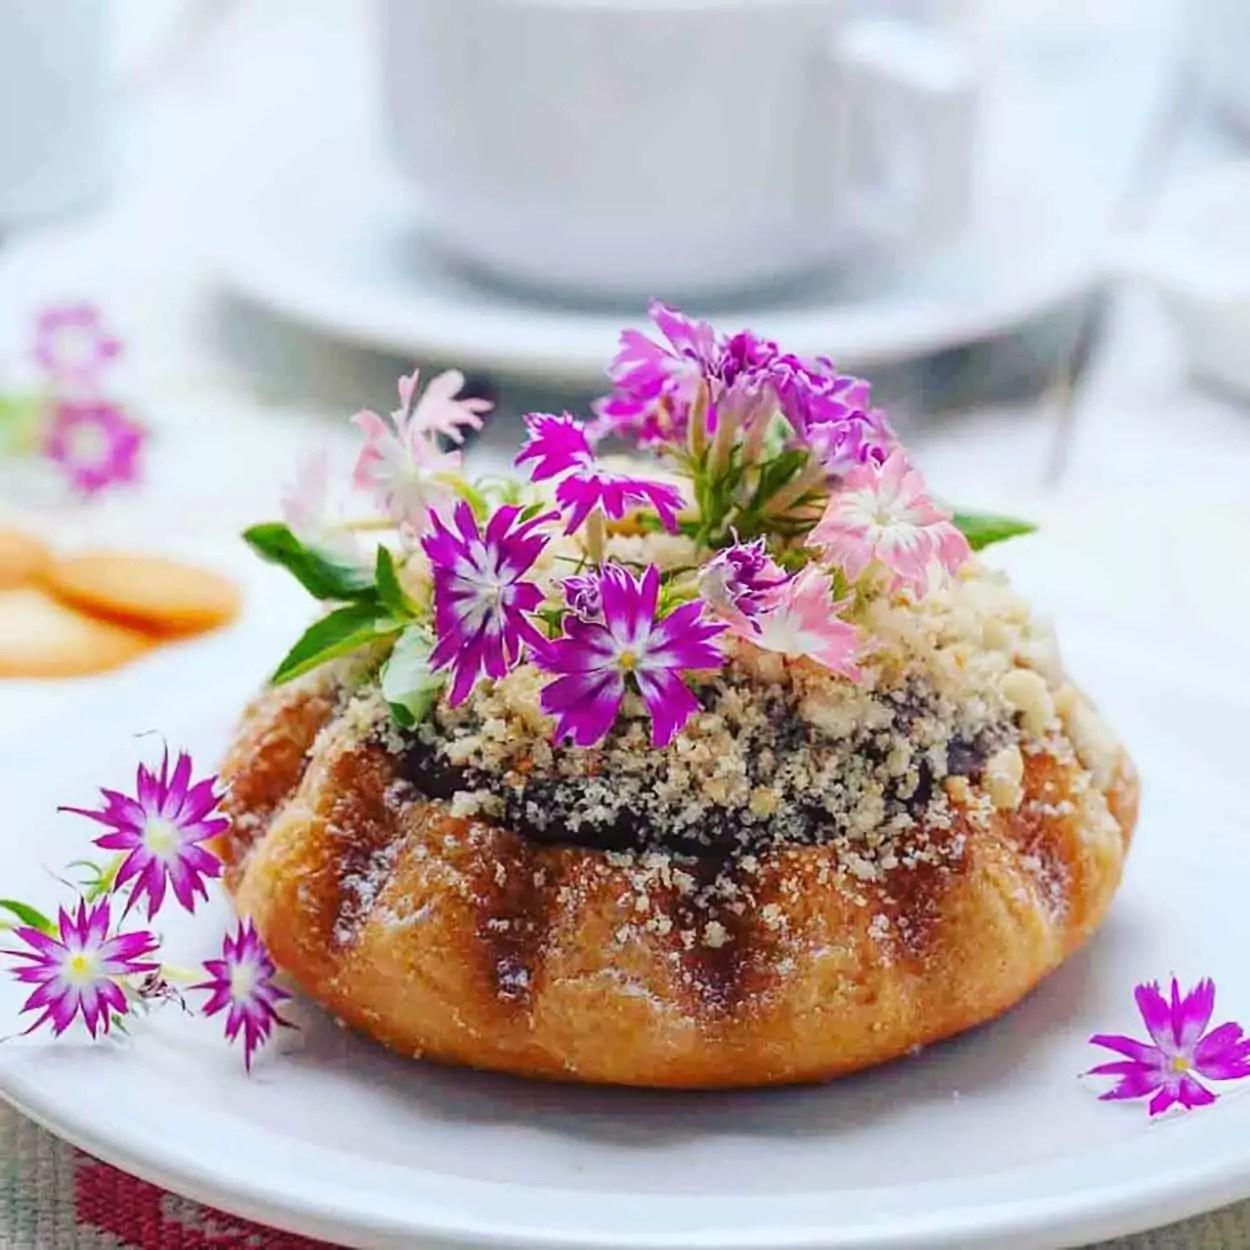 flores comestíveis quais são e receitas